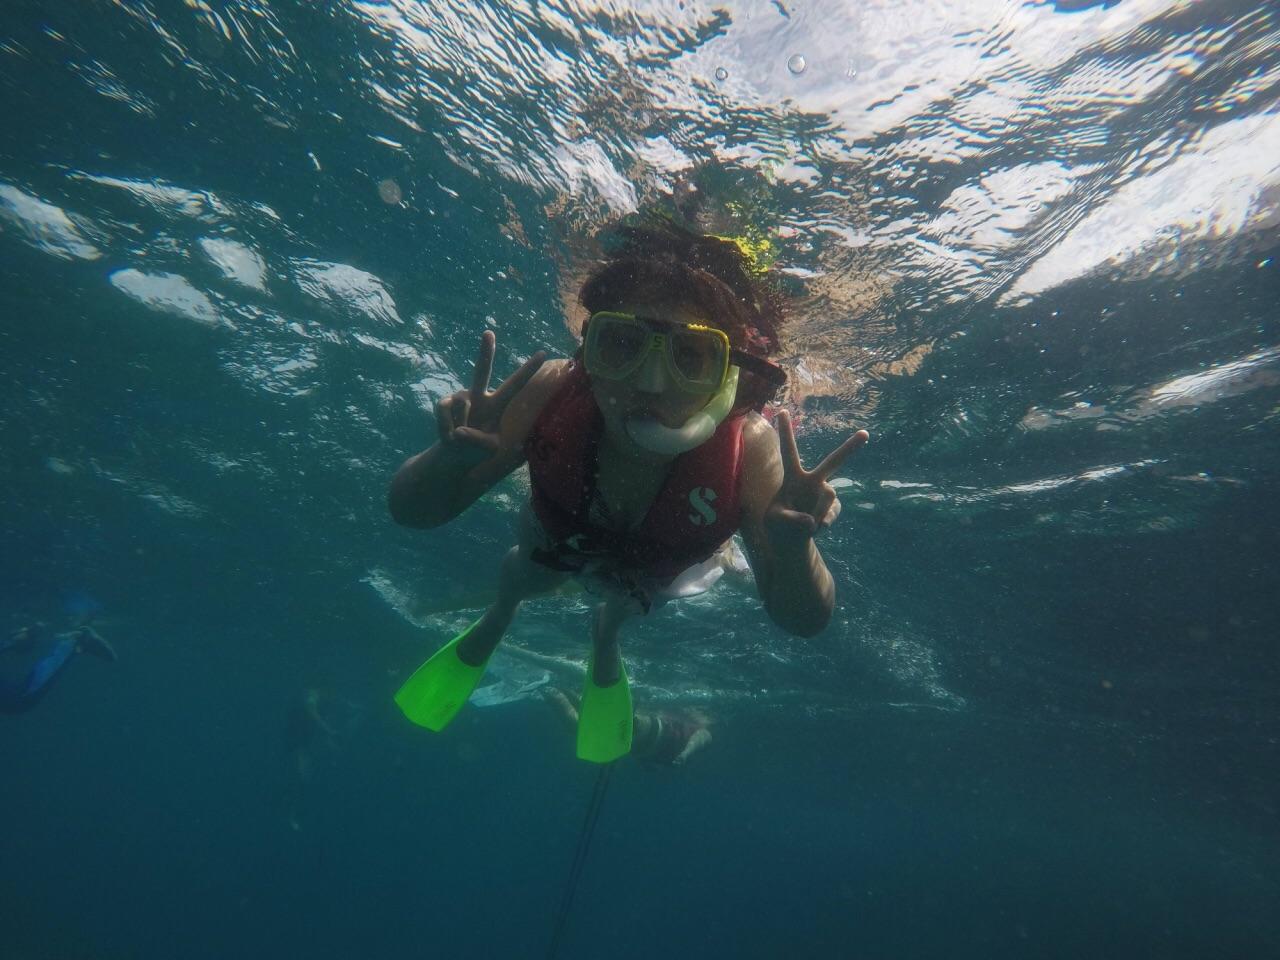 摩尔外堡礁摩尔外堡礁